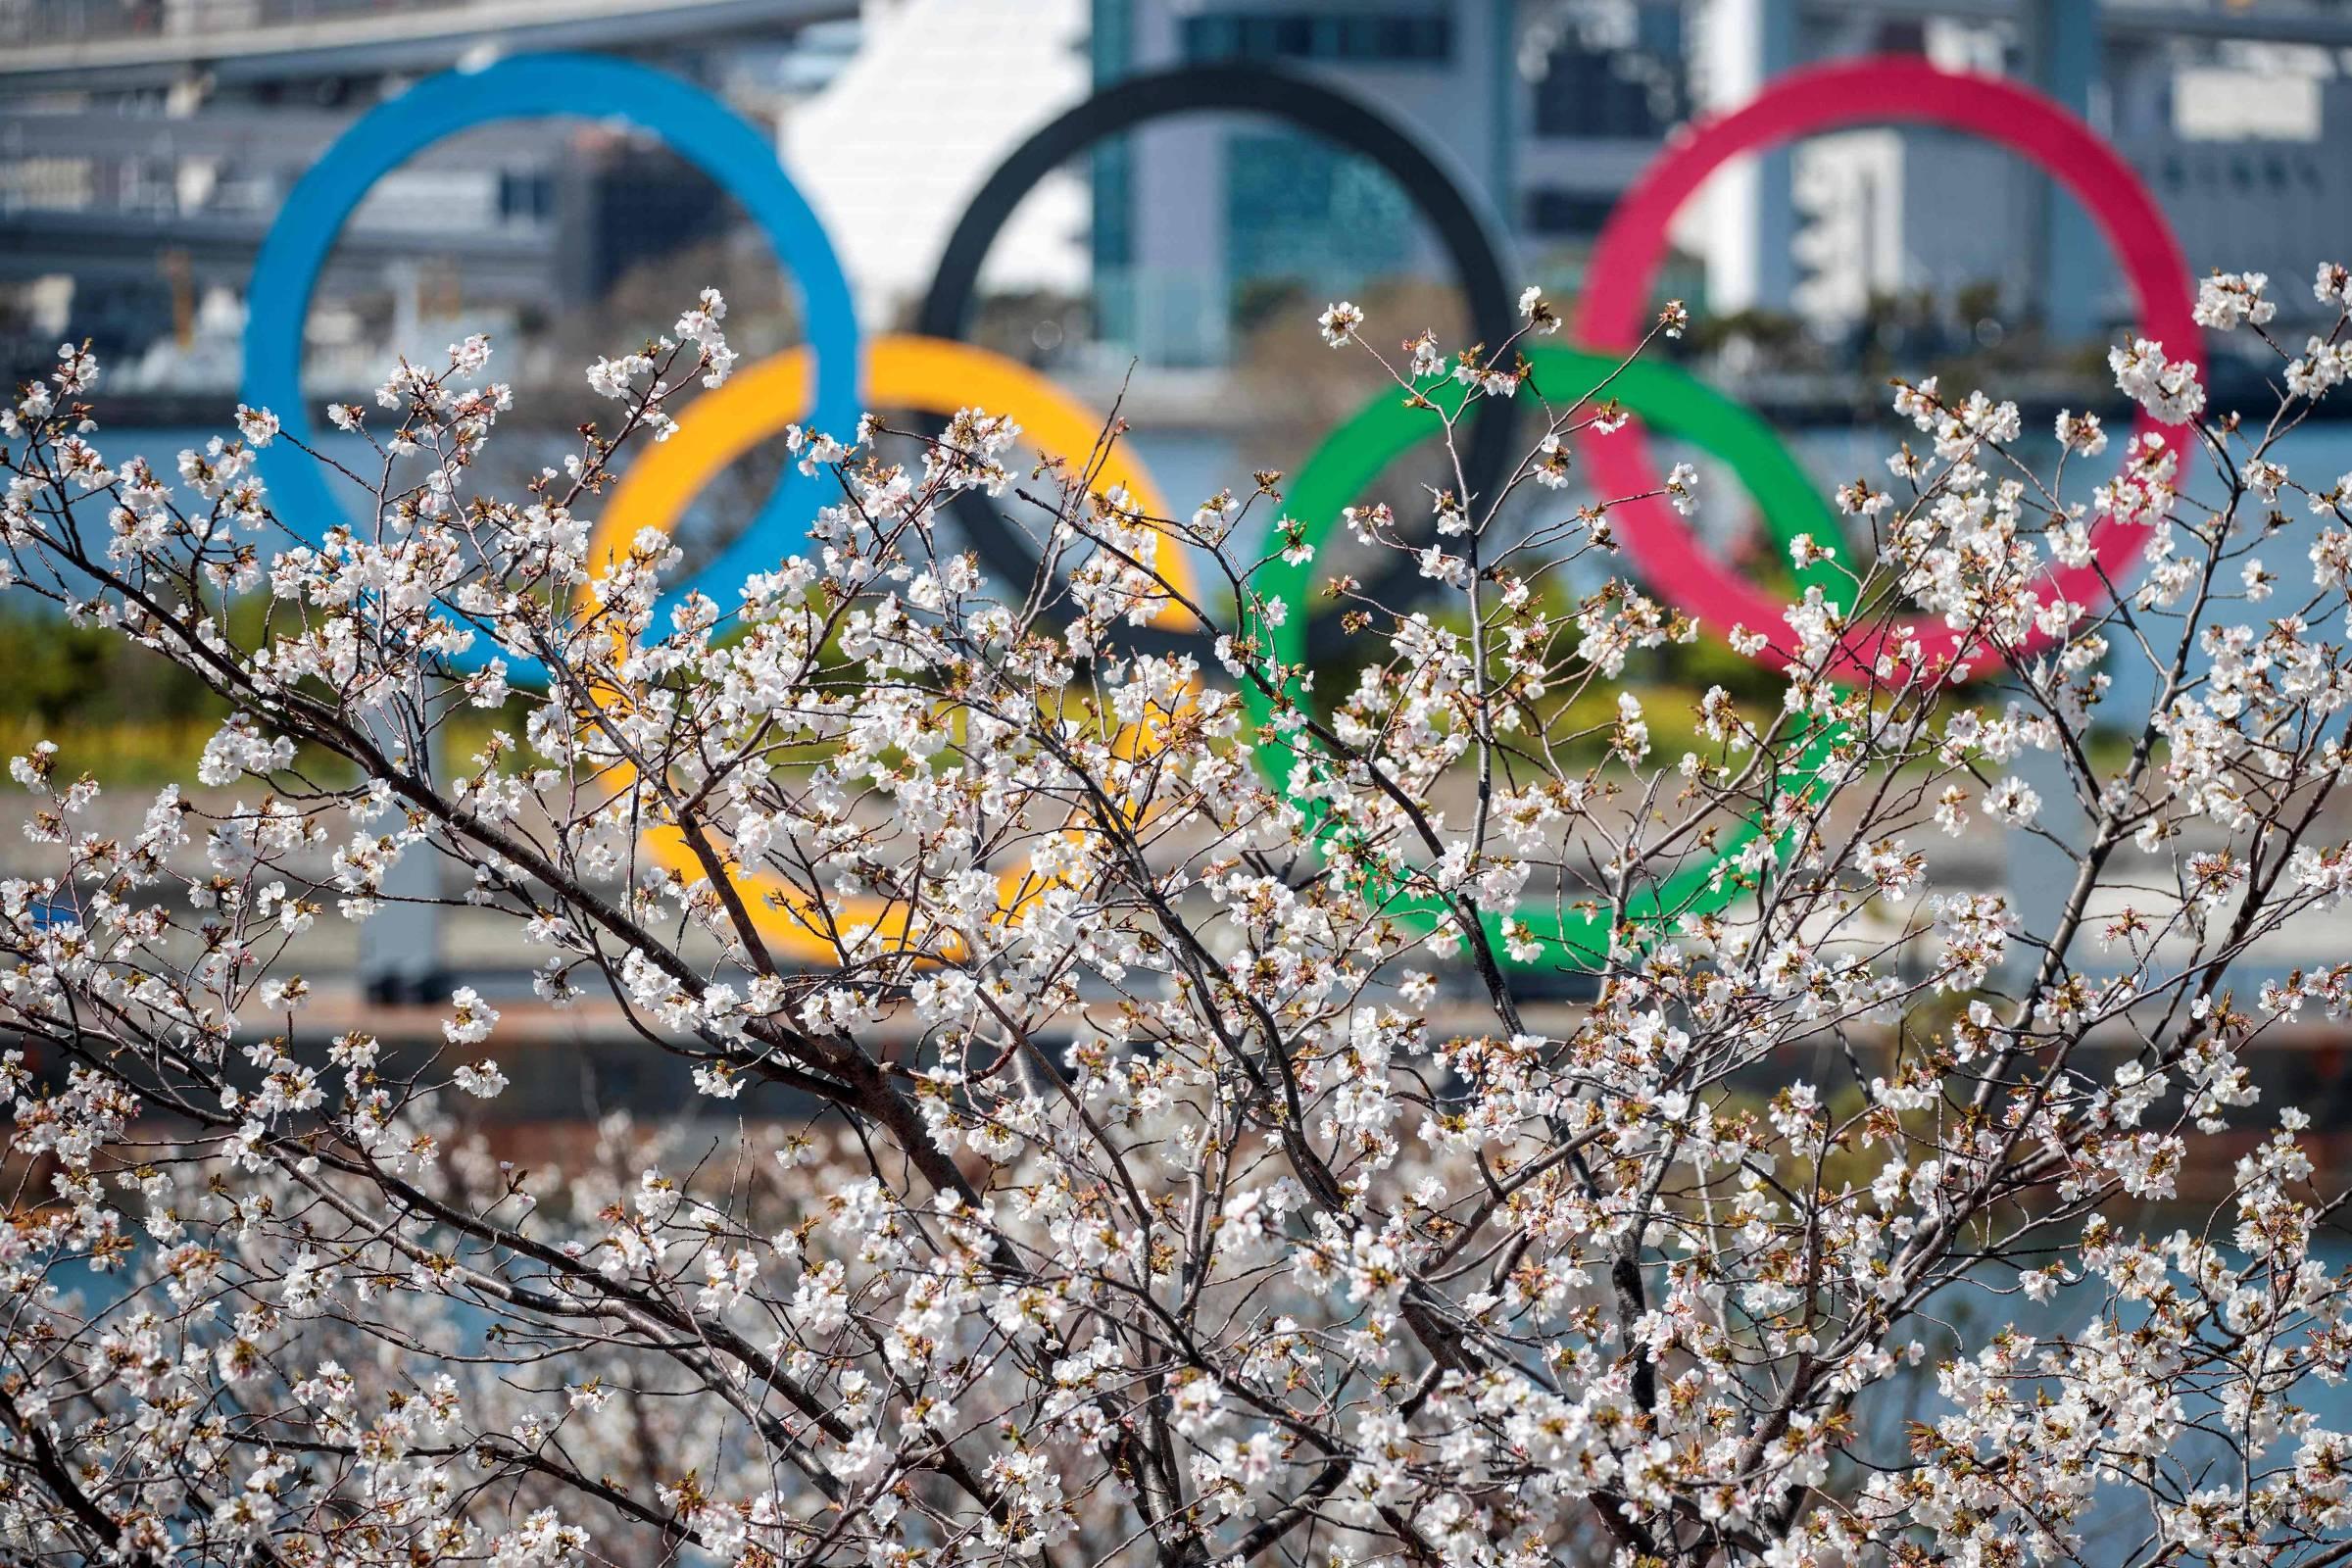 Olimpíada na primavera pode ser antídoto contra calor de Tóquio